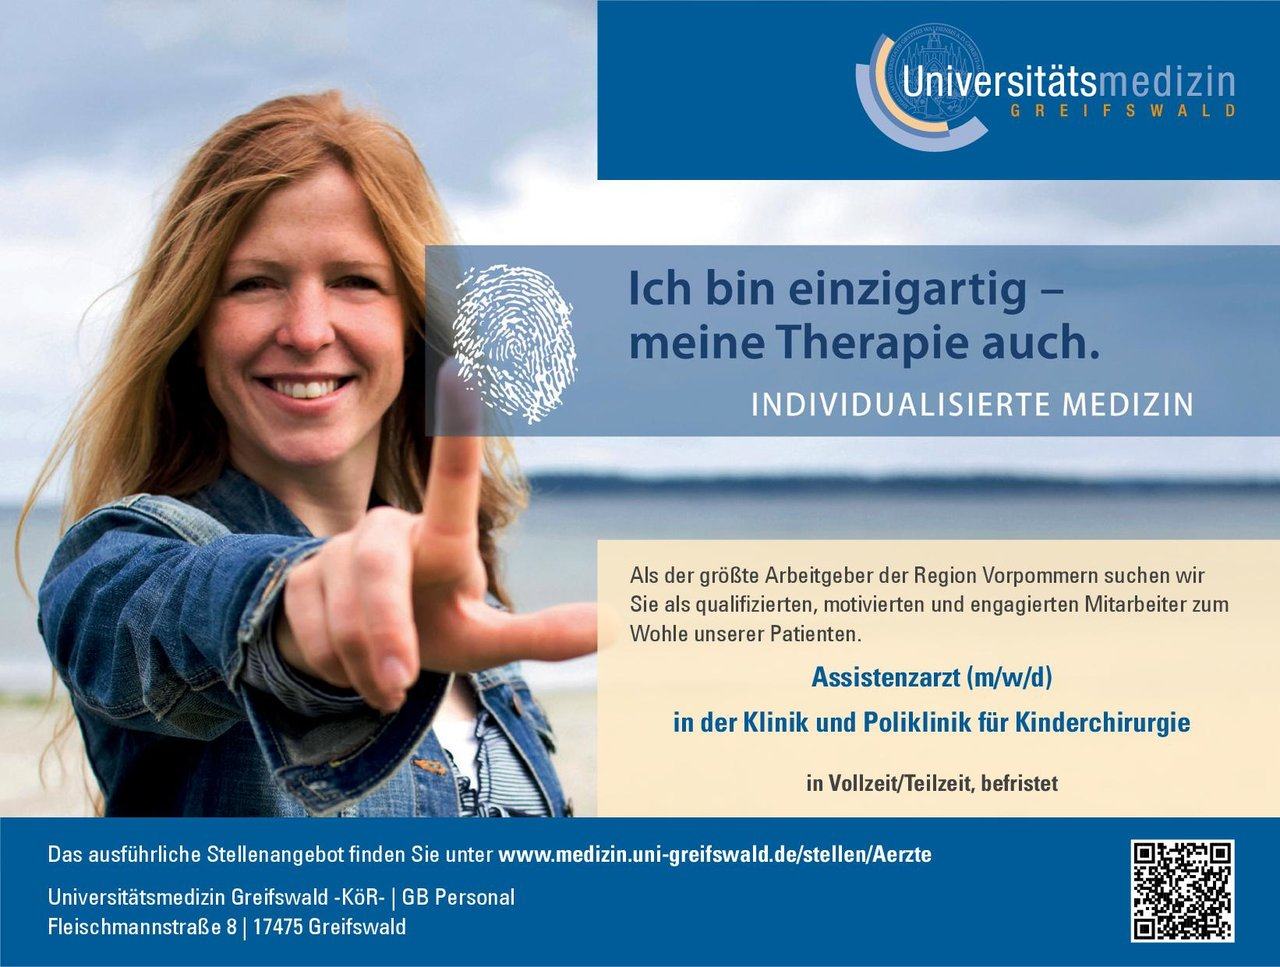 Universitätsmedizin Greifswald -KöR- Assistenzarzt (m/w/d) in der Klinik und Poliklinik für Kinderchirurgie  Kinderchirurgie, Chirurgie Assistenzarzt / Arzt in Weiterbildung